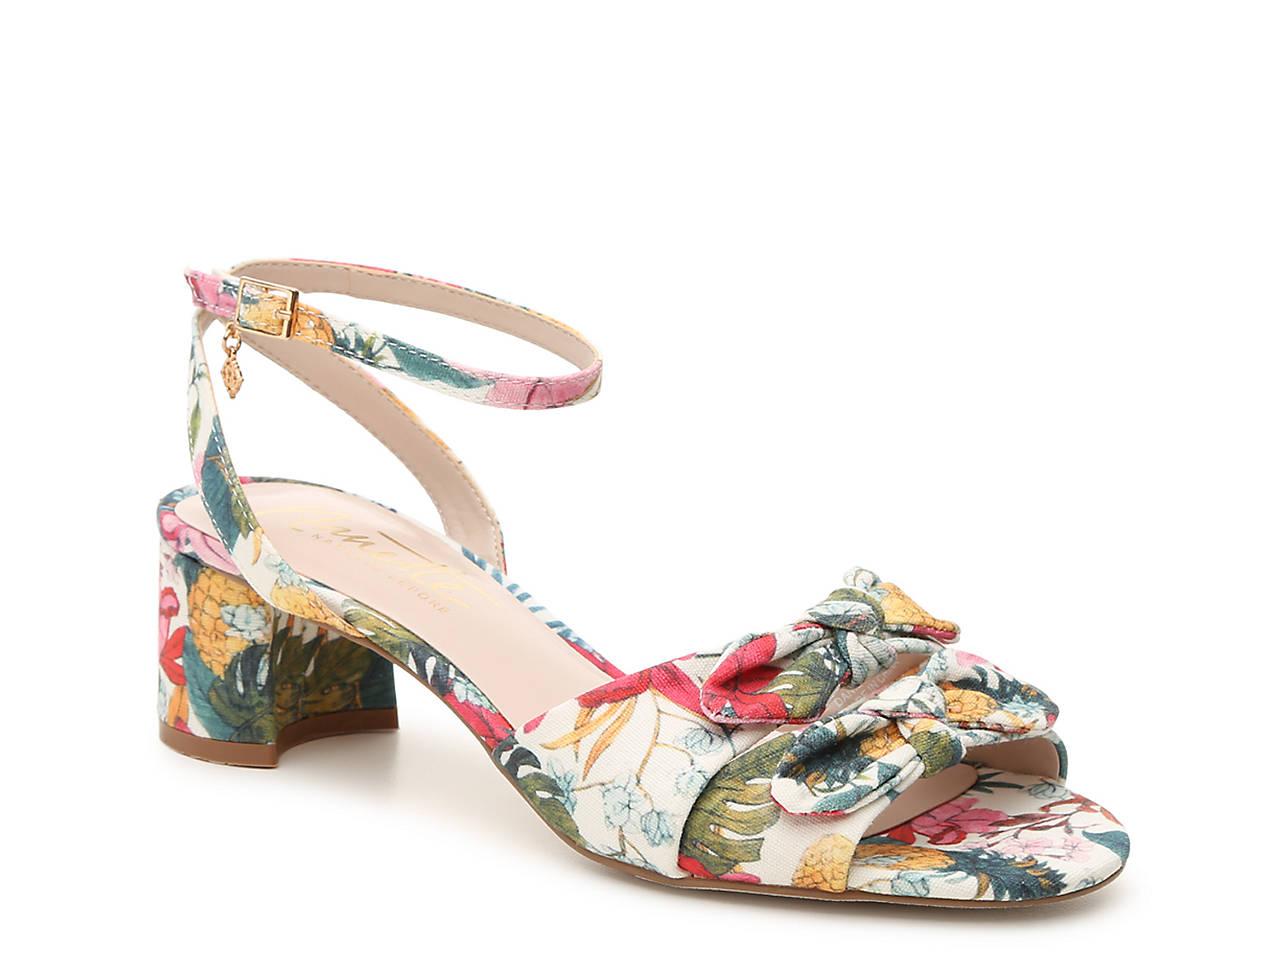 afca397319d1 Nanette Nanette Lepore Danielle Sandal Women s Shoes